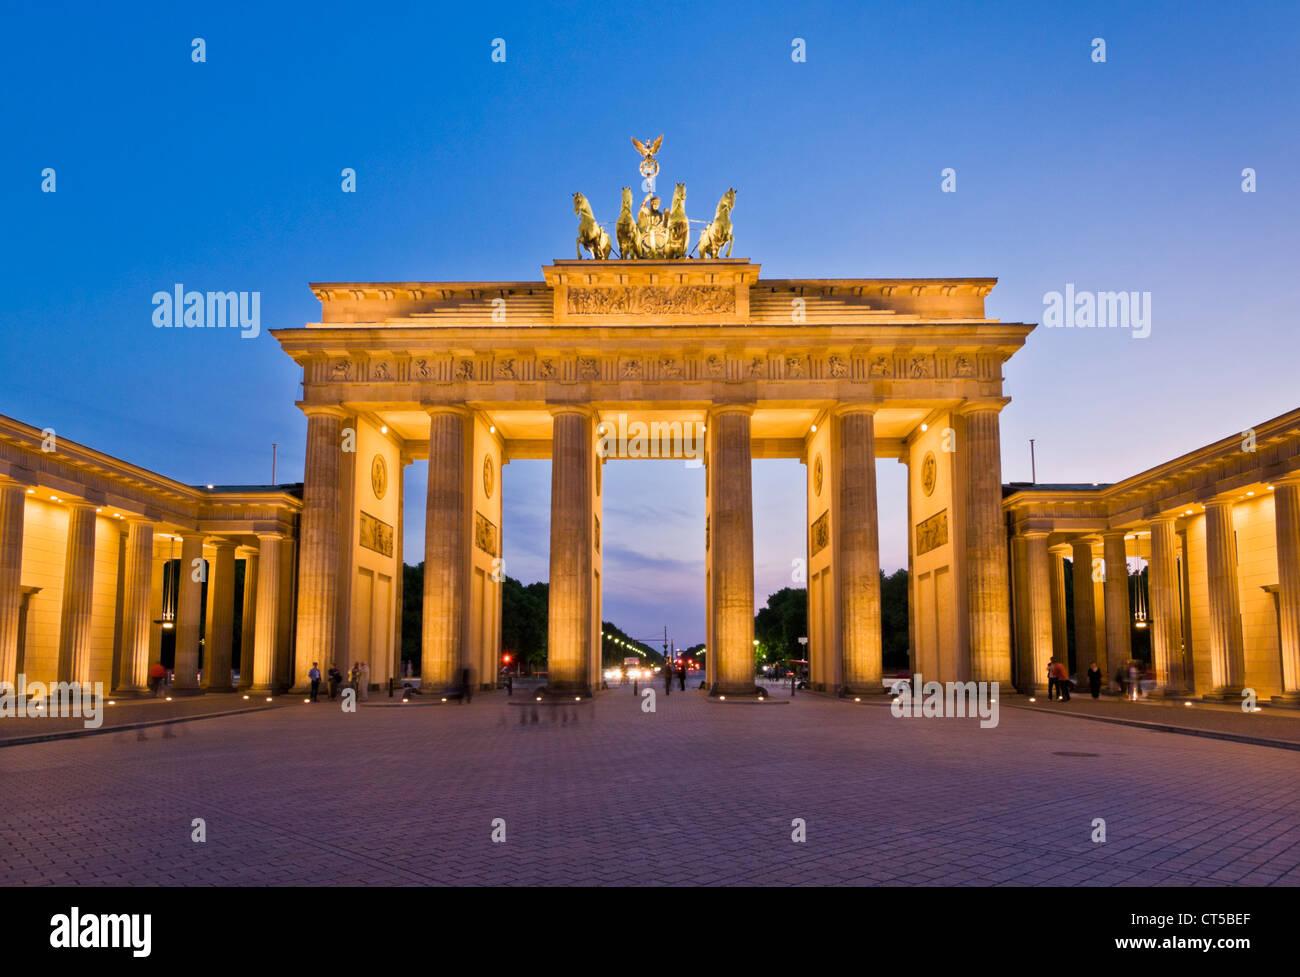 Puerta de Brandemburgo Pariser Platz con la alada Quadriga estatua encima al atardecer, el centro de la ciudad de Imagen De Stock